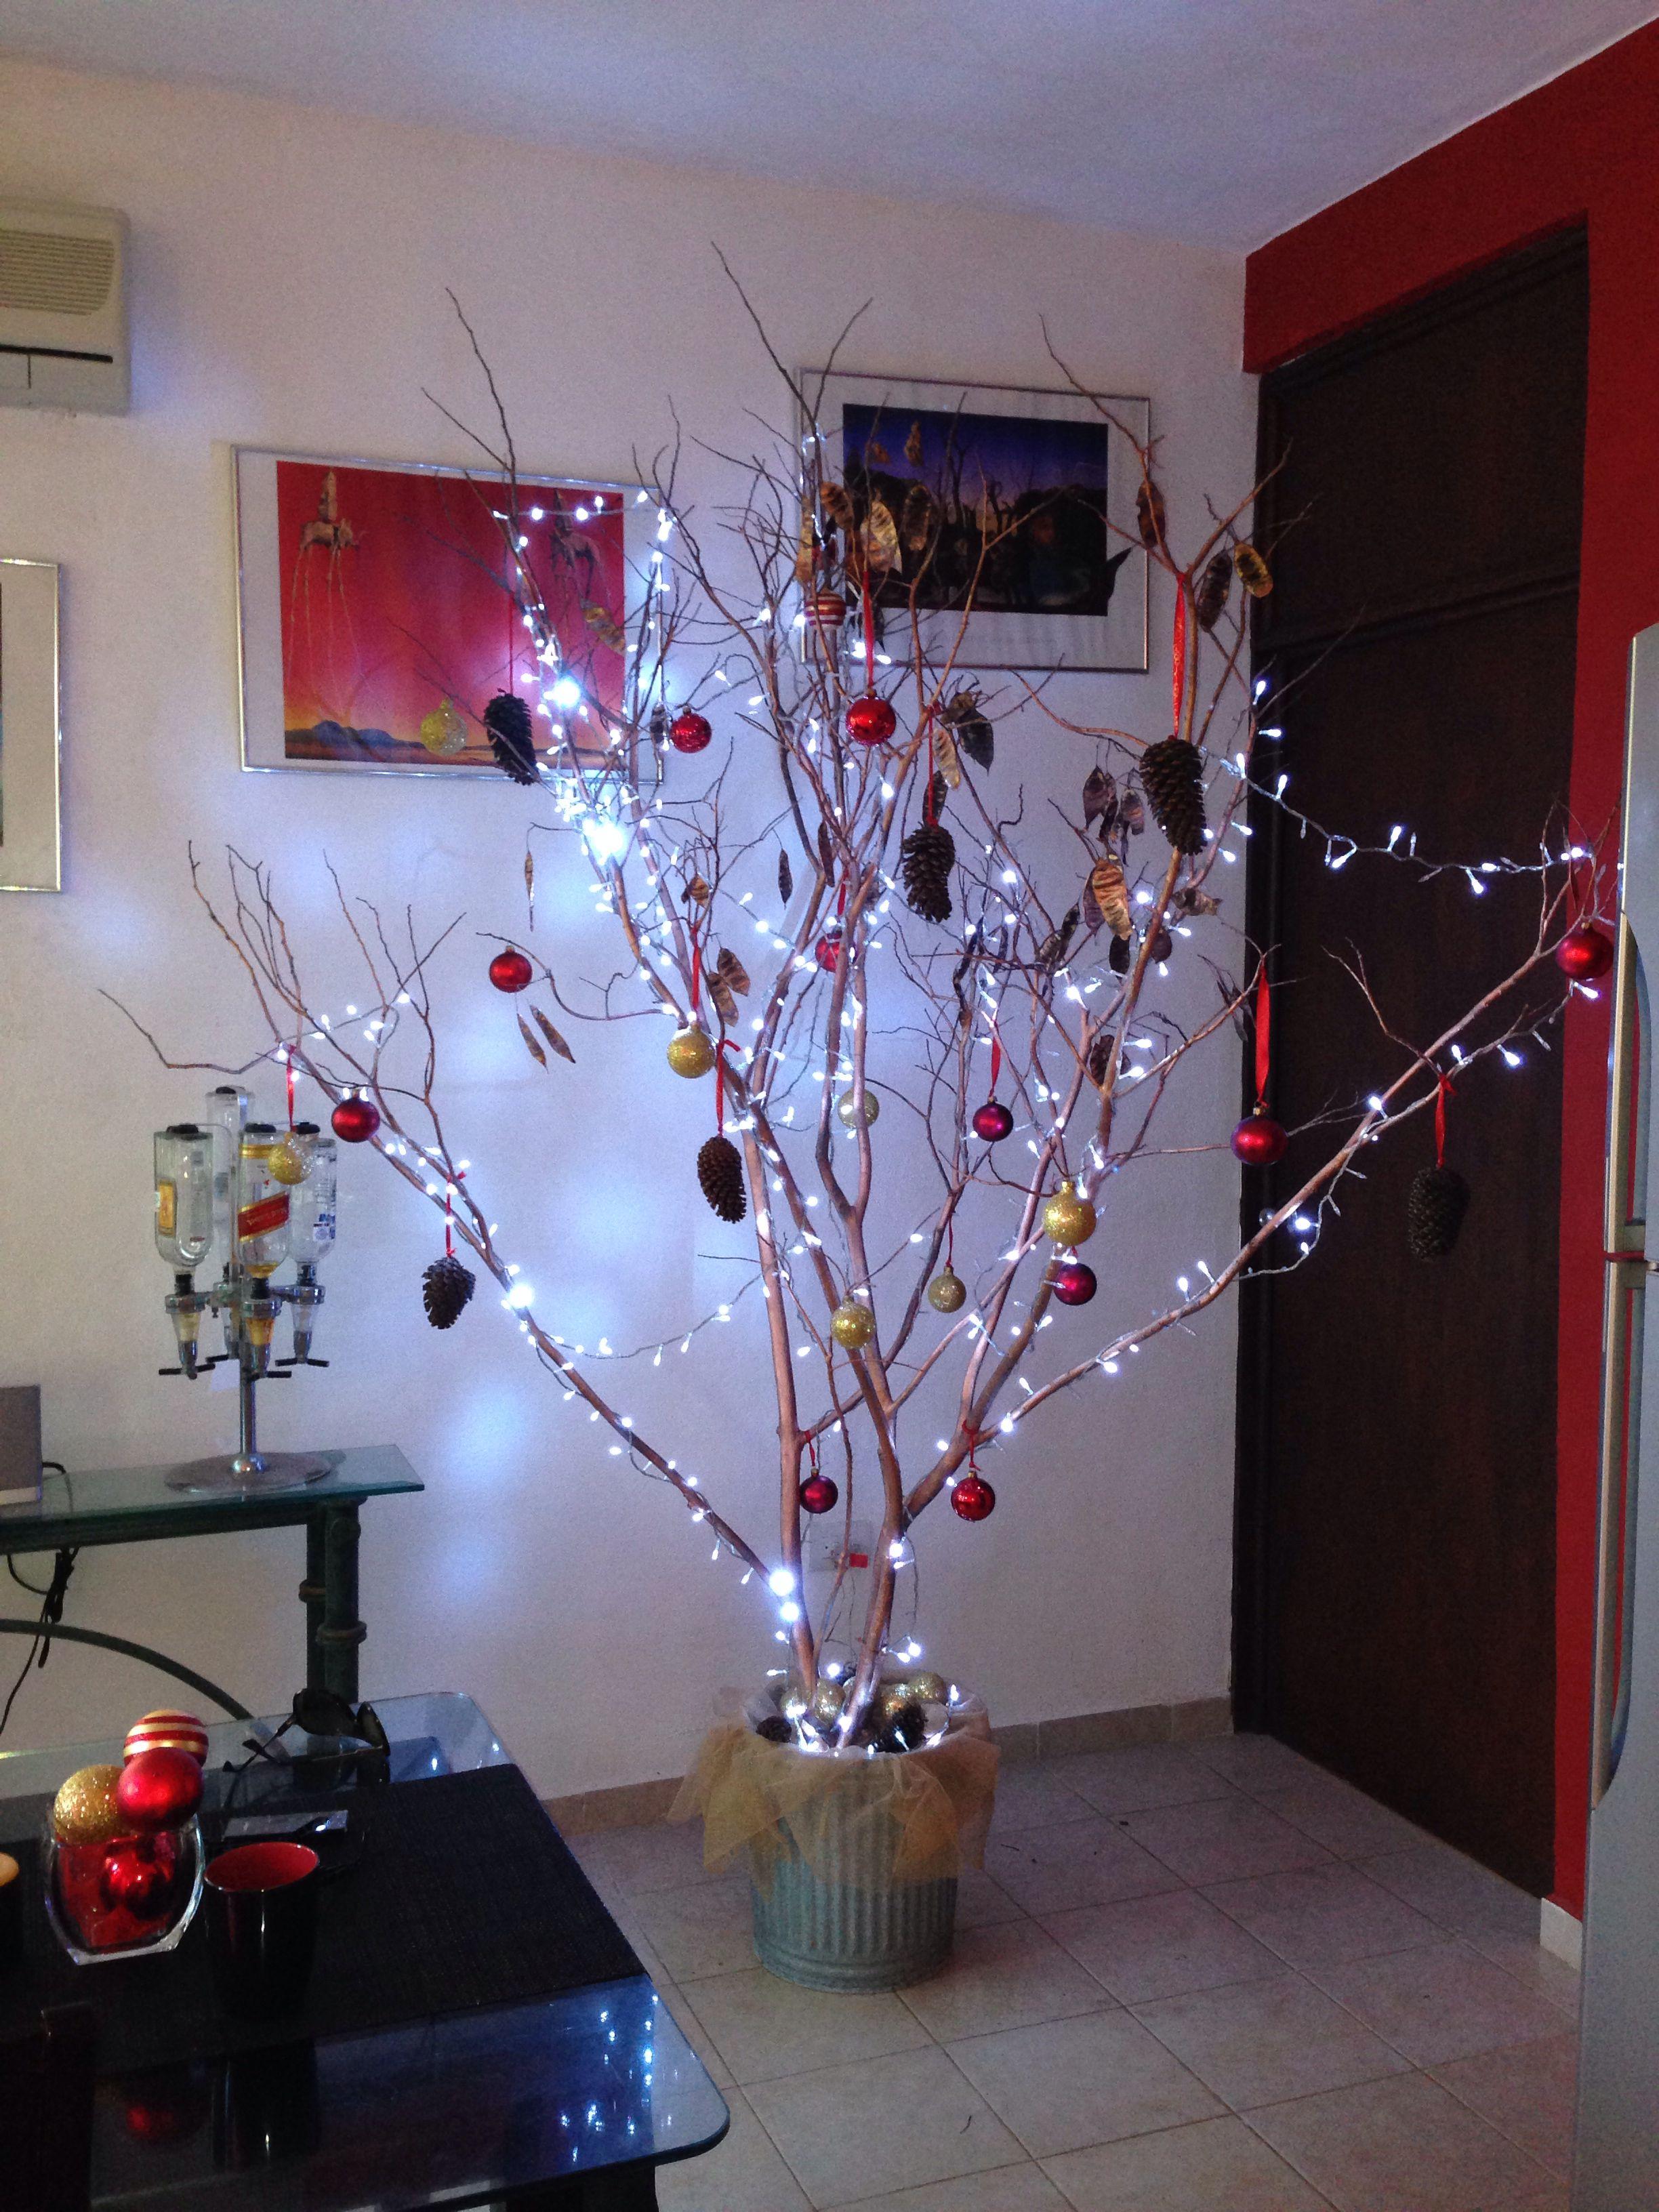 Mi arbolito de navidad ideas pinterest navidad - Ideas de arreglos navidenos ...